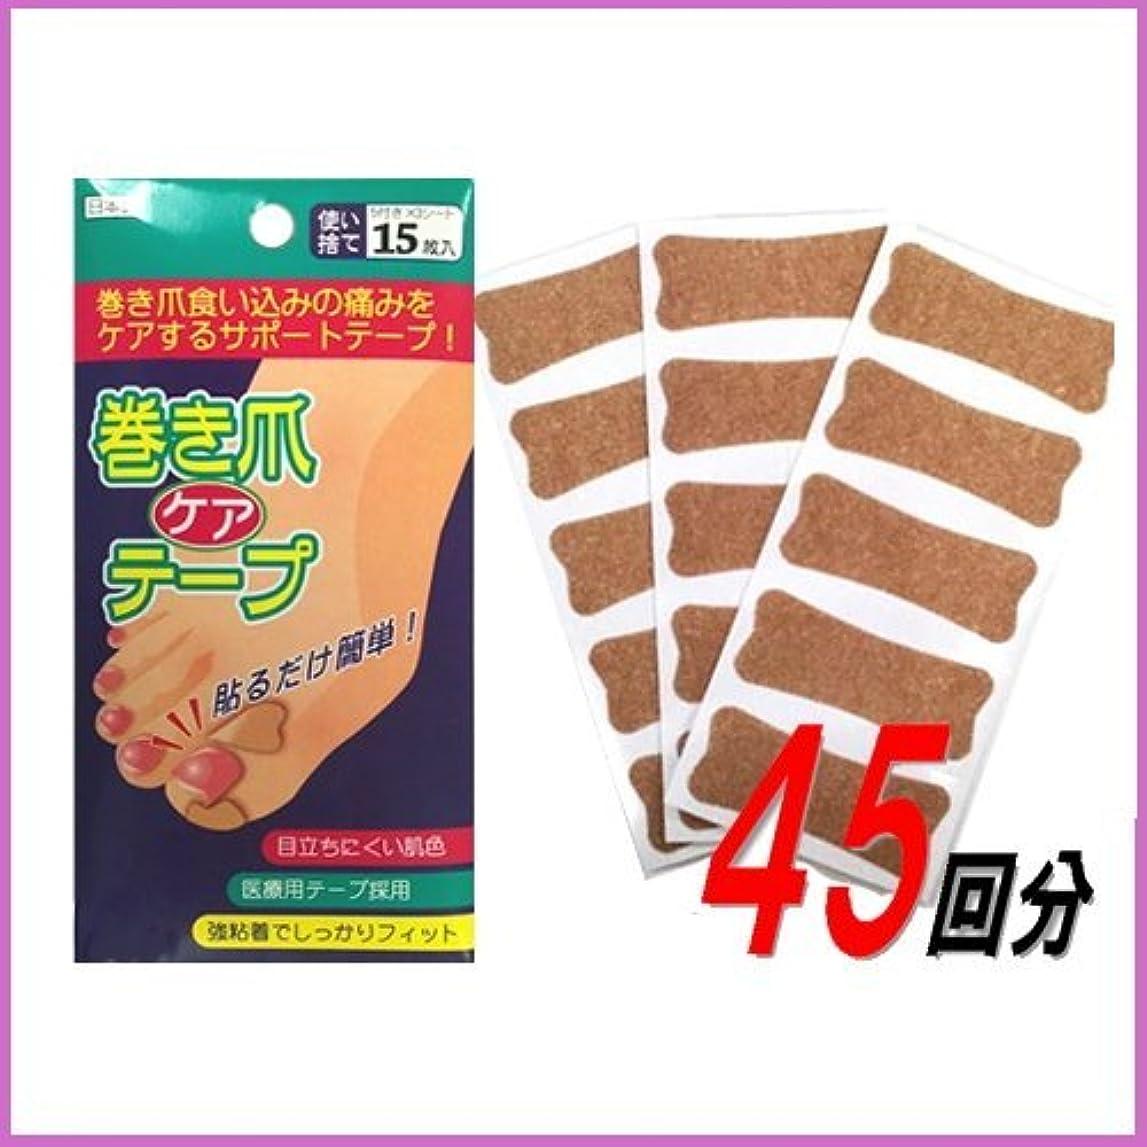 軽減伝統コンベンション巻き爪 テープ 3個セット ブロック ケア テーピング 日本製